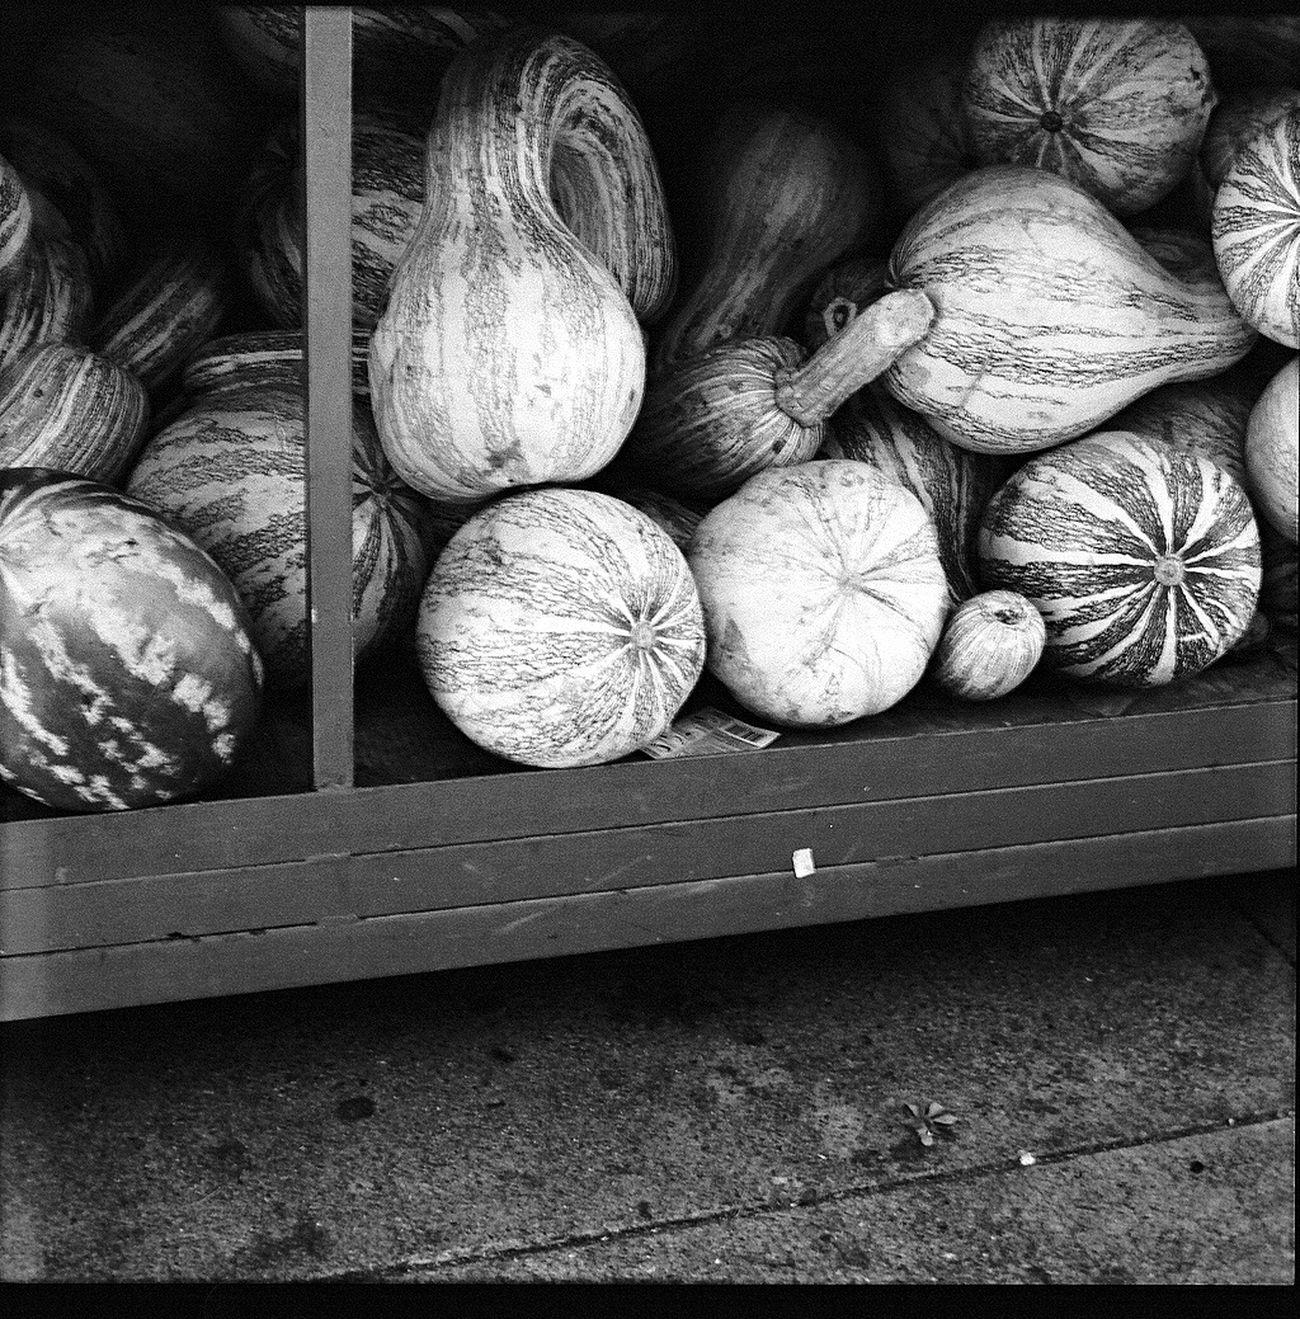 Film Food Squash - Vegetable Square 6x6 Blk N Wht Koduckgirl Belair Panorama